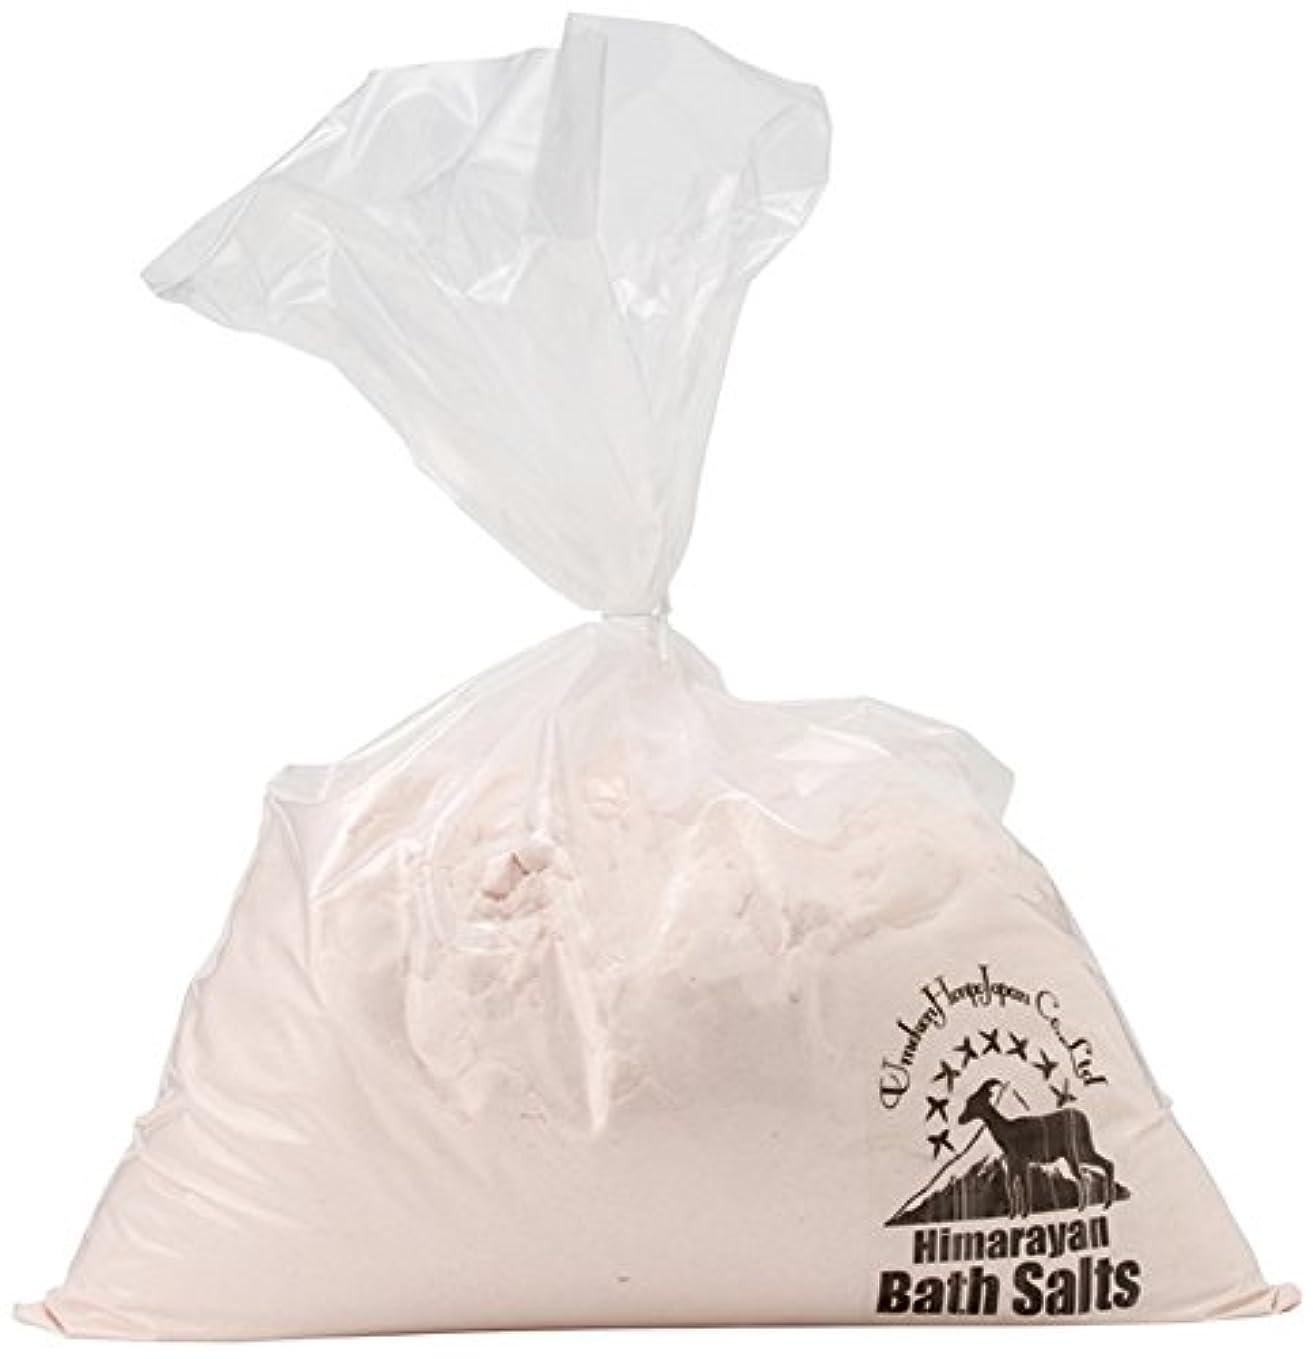 モッキンバードシットコム構造ヒマラヤ岩塩 バスソルト ピンク パウダー 5kg